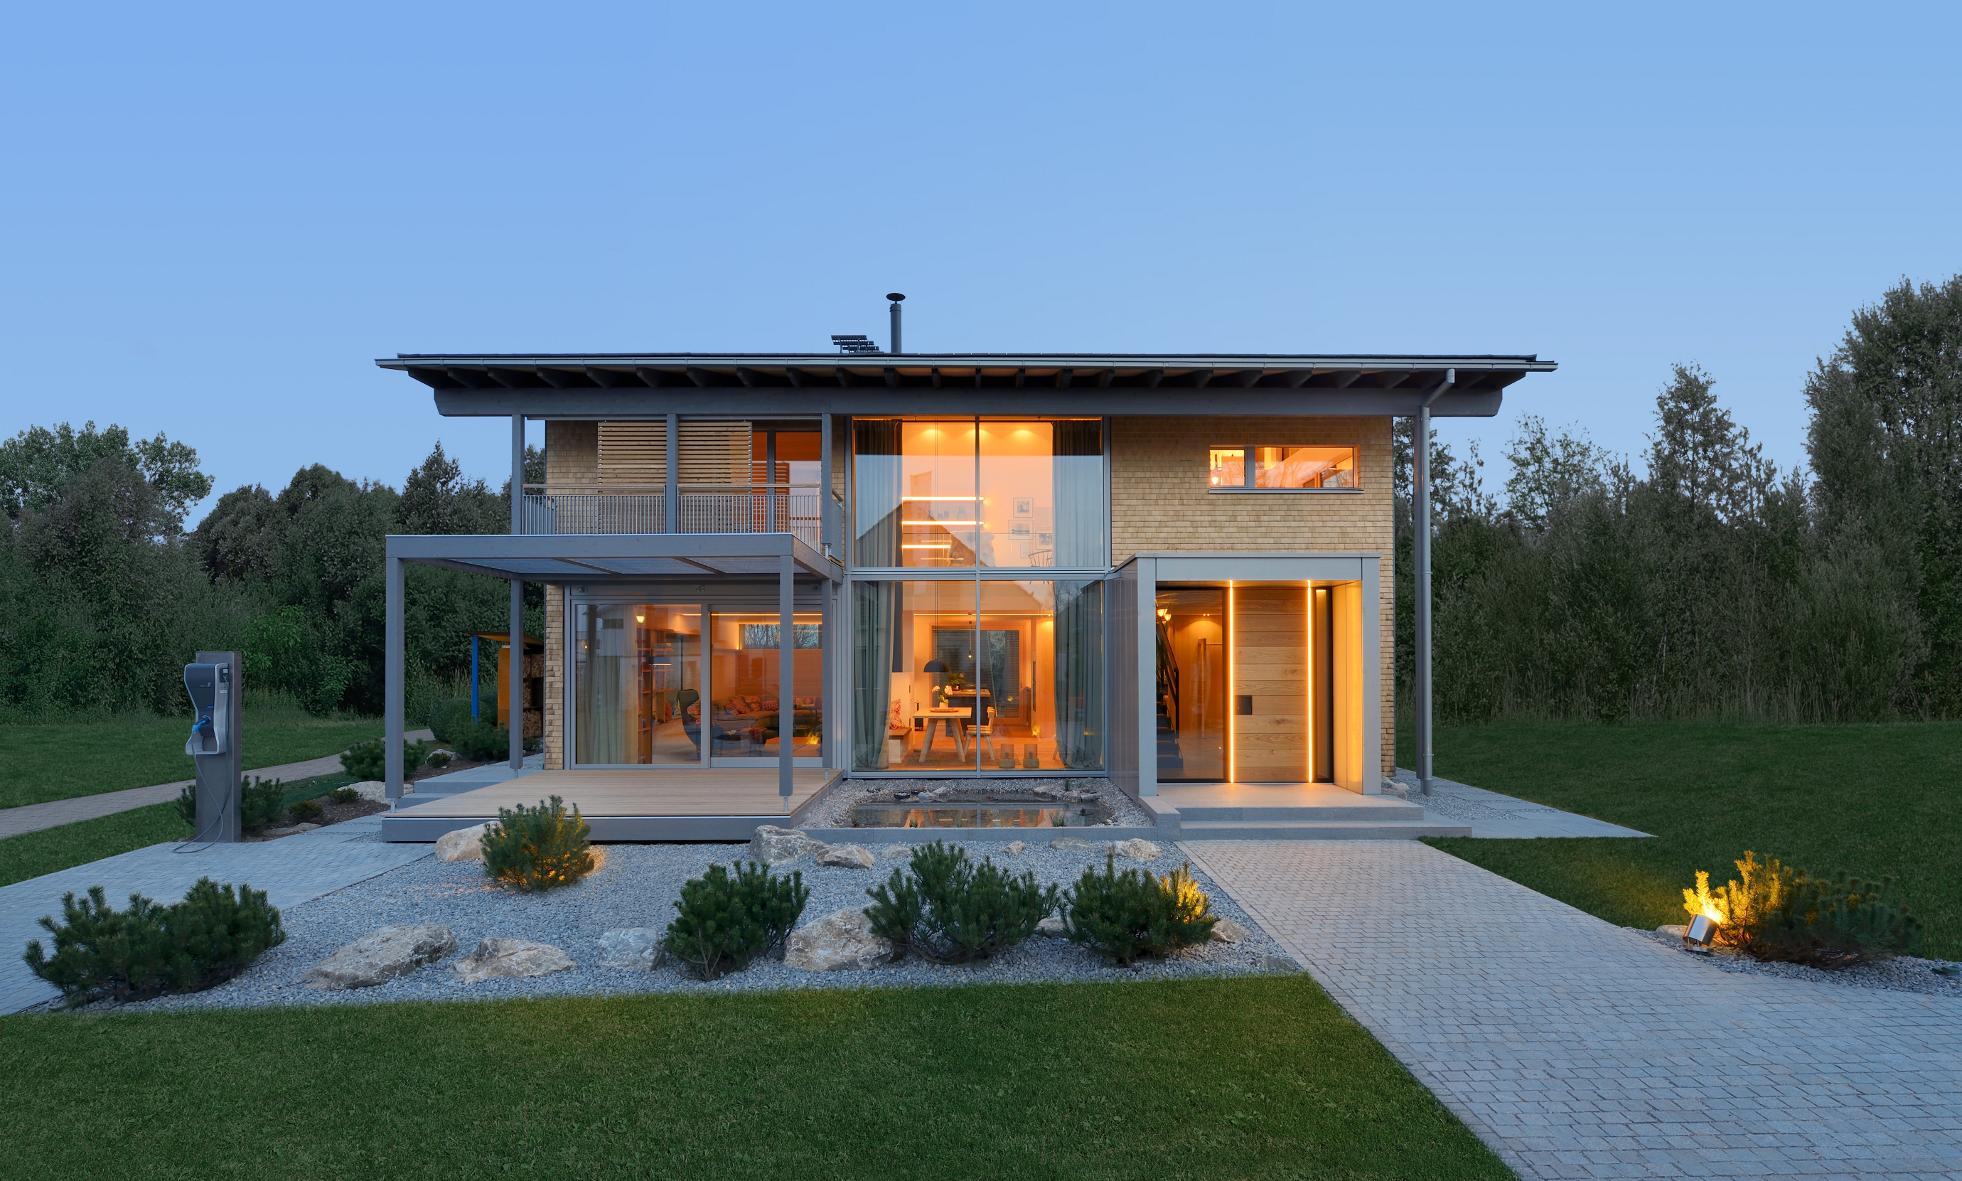 nachhaltig bauen beginnt schon vor dem entwurf aktion pro eigenheim. Black Bedroom Furniture Sets. Home Design Ideas